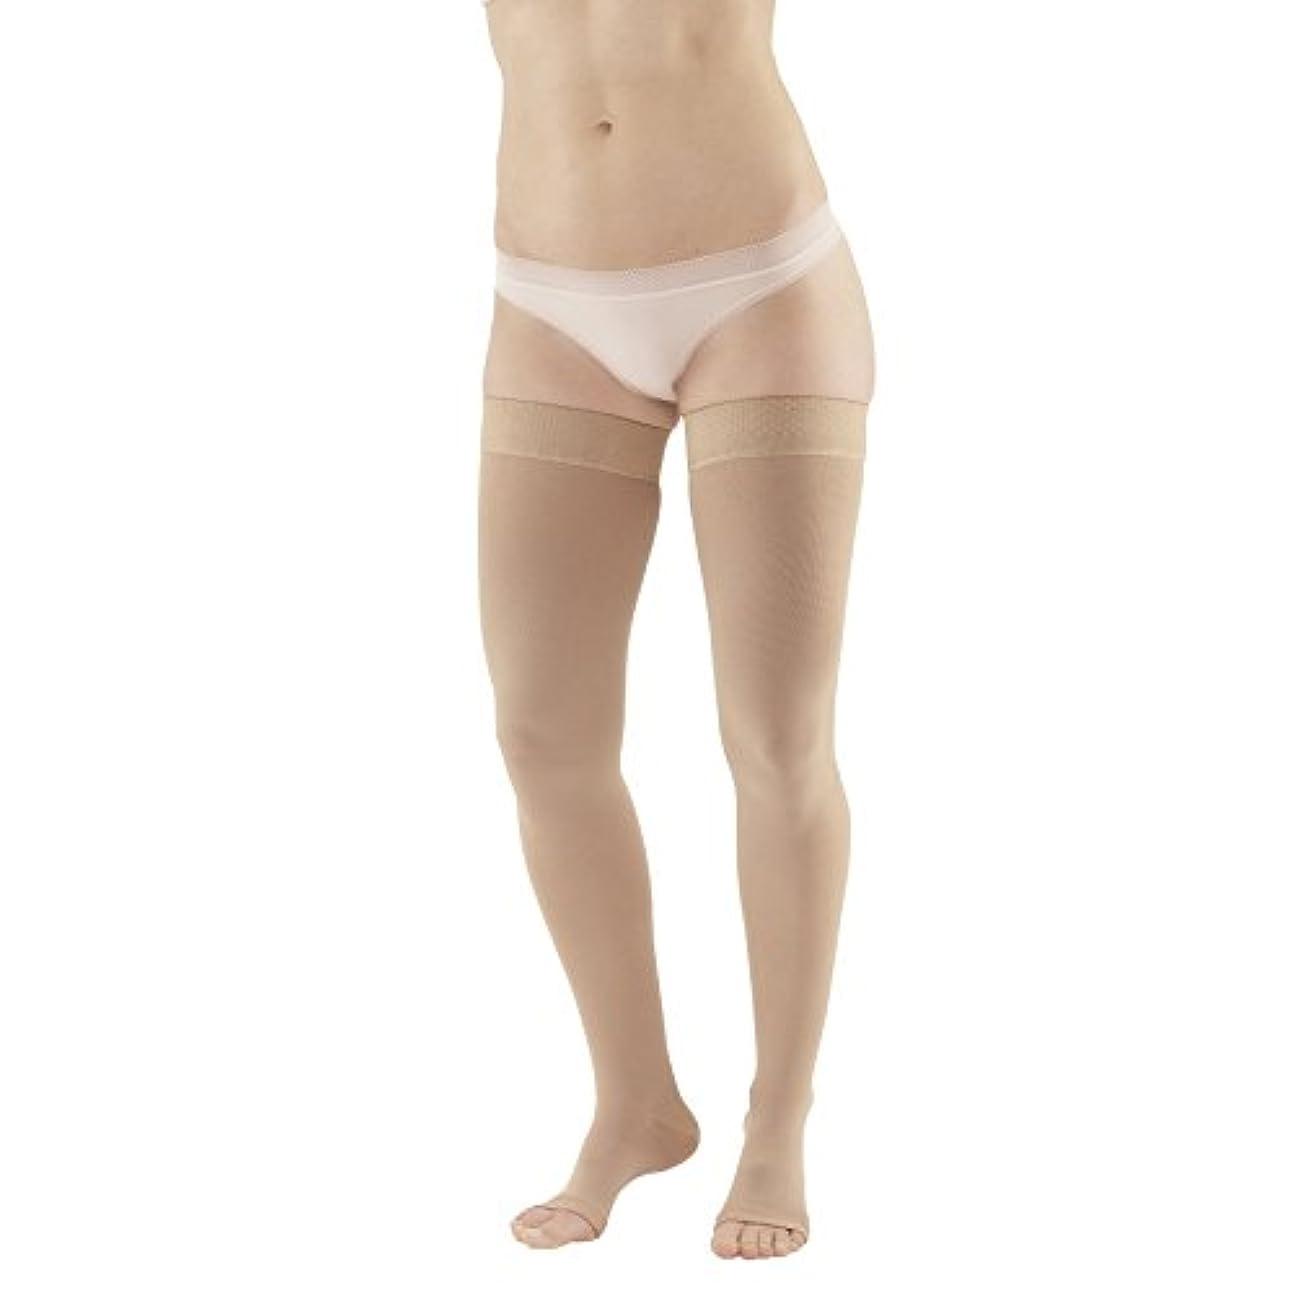 ガイダンス上に築きます確執Ames Walker Unisex AW Style 212 Medical Weight Open Toe Compression Thigh High Stockings w/ Silicone Dot Band - 20-30 mmHg Beige XXL 212-01-XXL-BEIGE Nylon/Spandex by Ames Walker